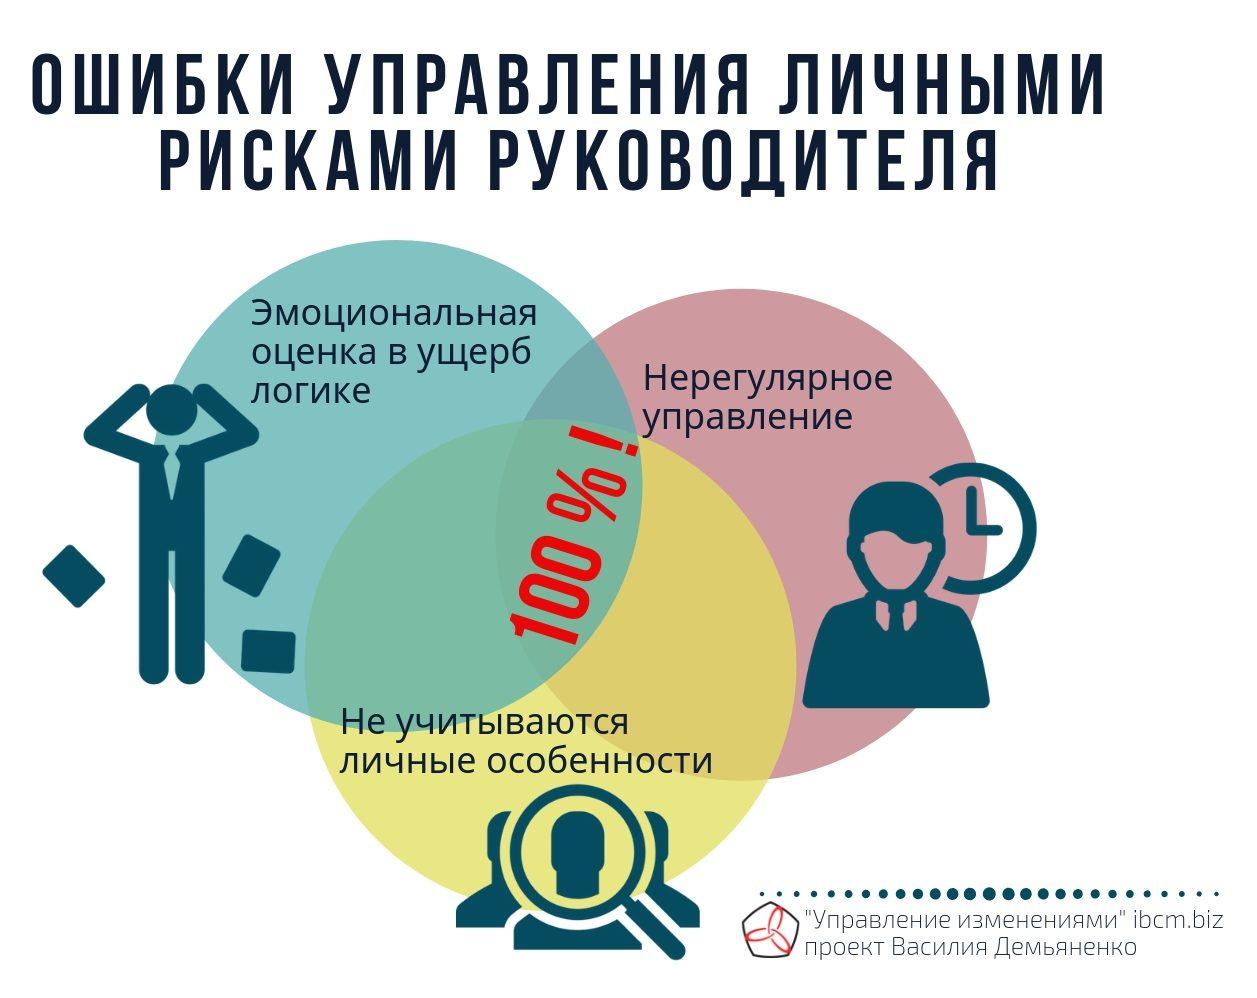 Управление личными рисками руководителя (CEO)